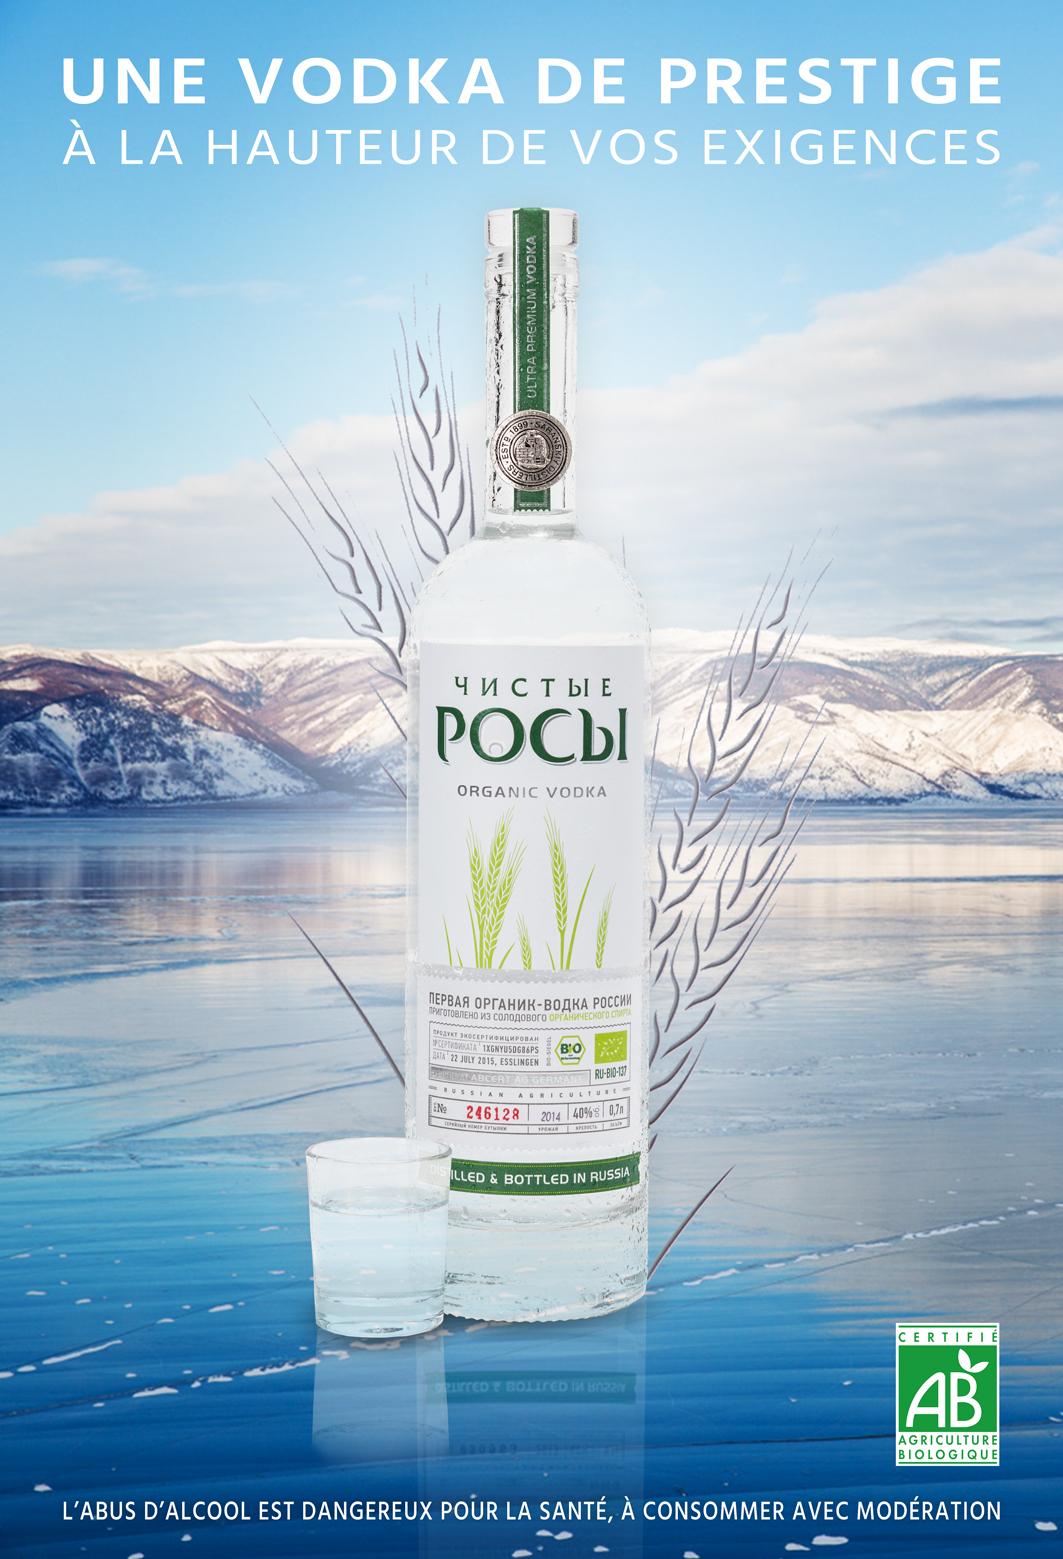 Création d'une affiche publicitaire de Vodka